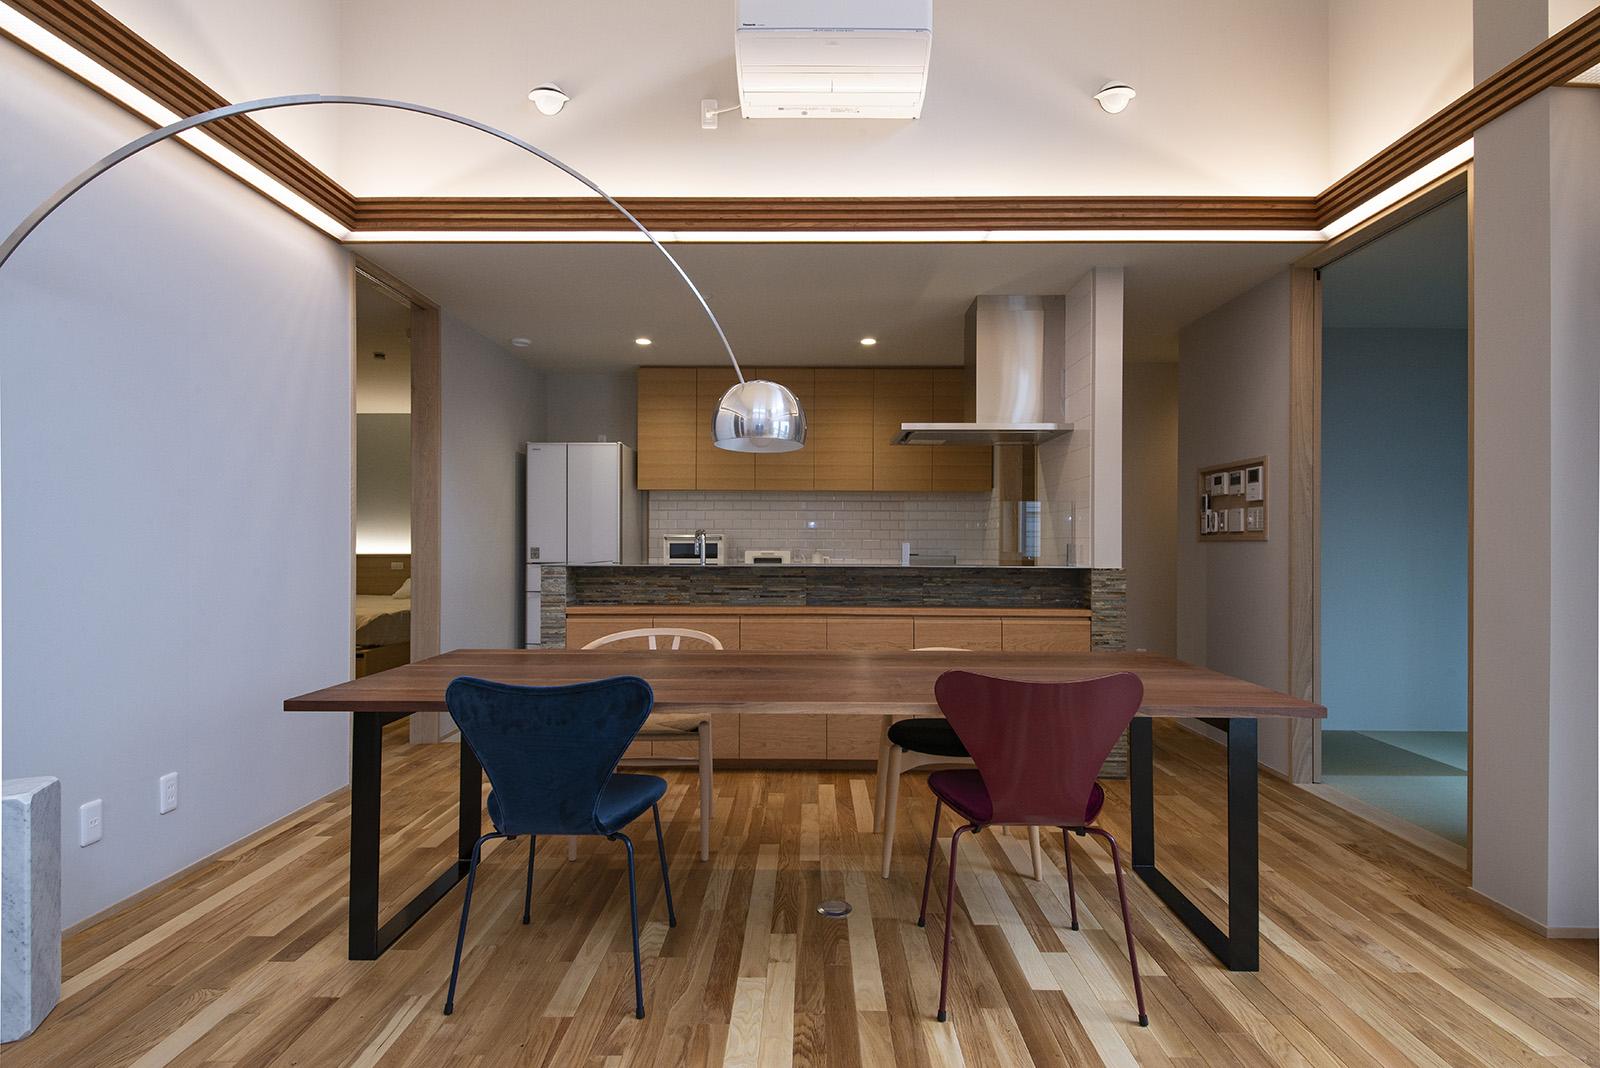 造作したダイニングテーブルとデザインが異なる椅子、フロアライトが存在感抜群